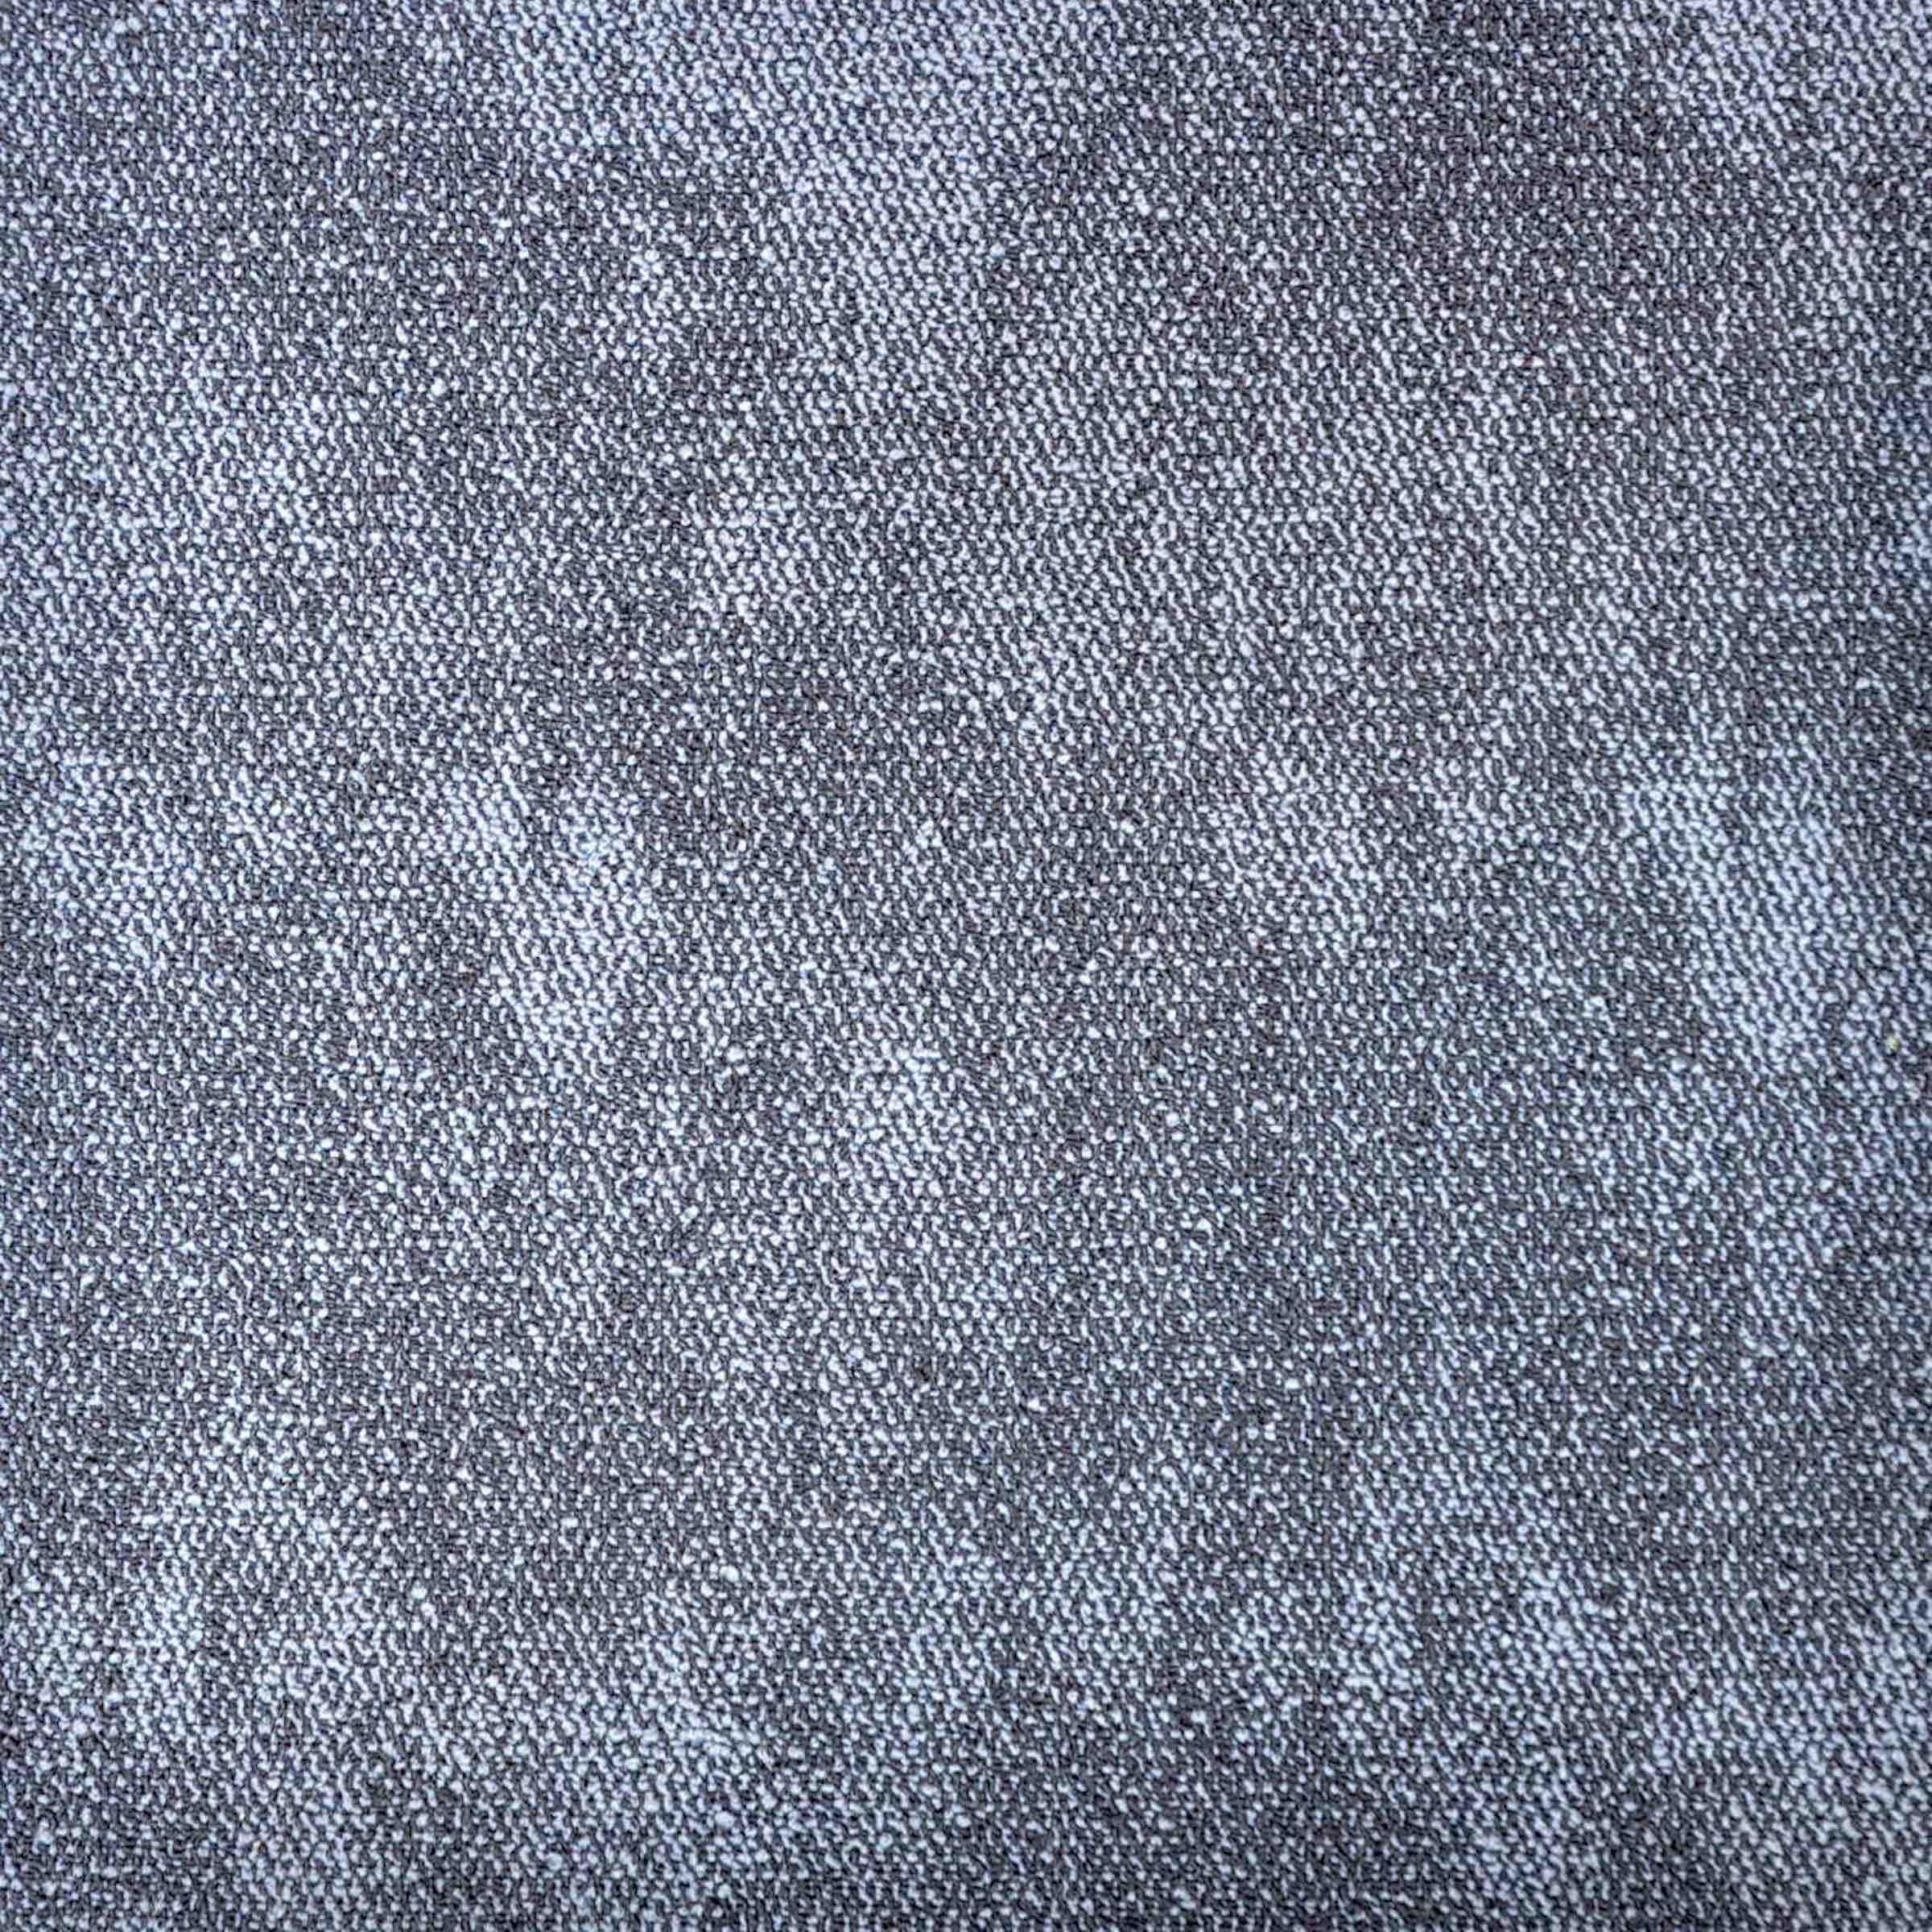 Vapour | Mist | Paragon Carpet Tiles | Commercial Carpet Tiles